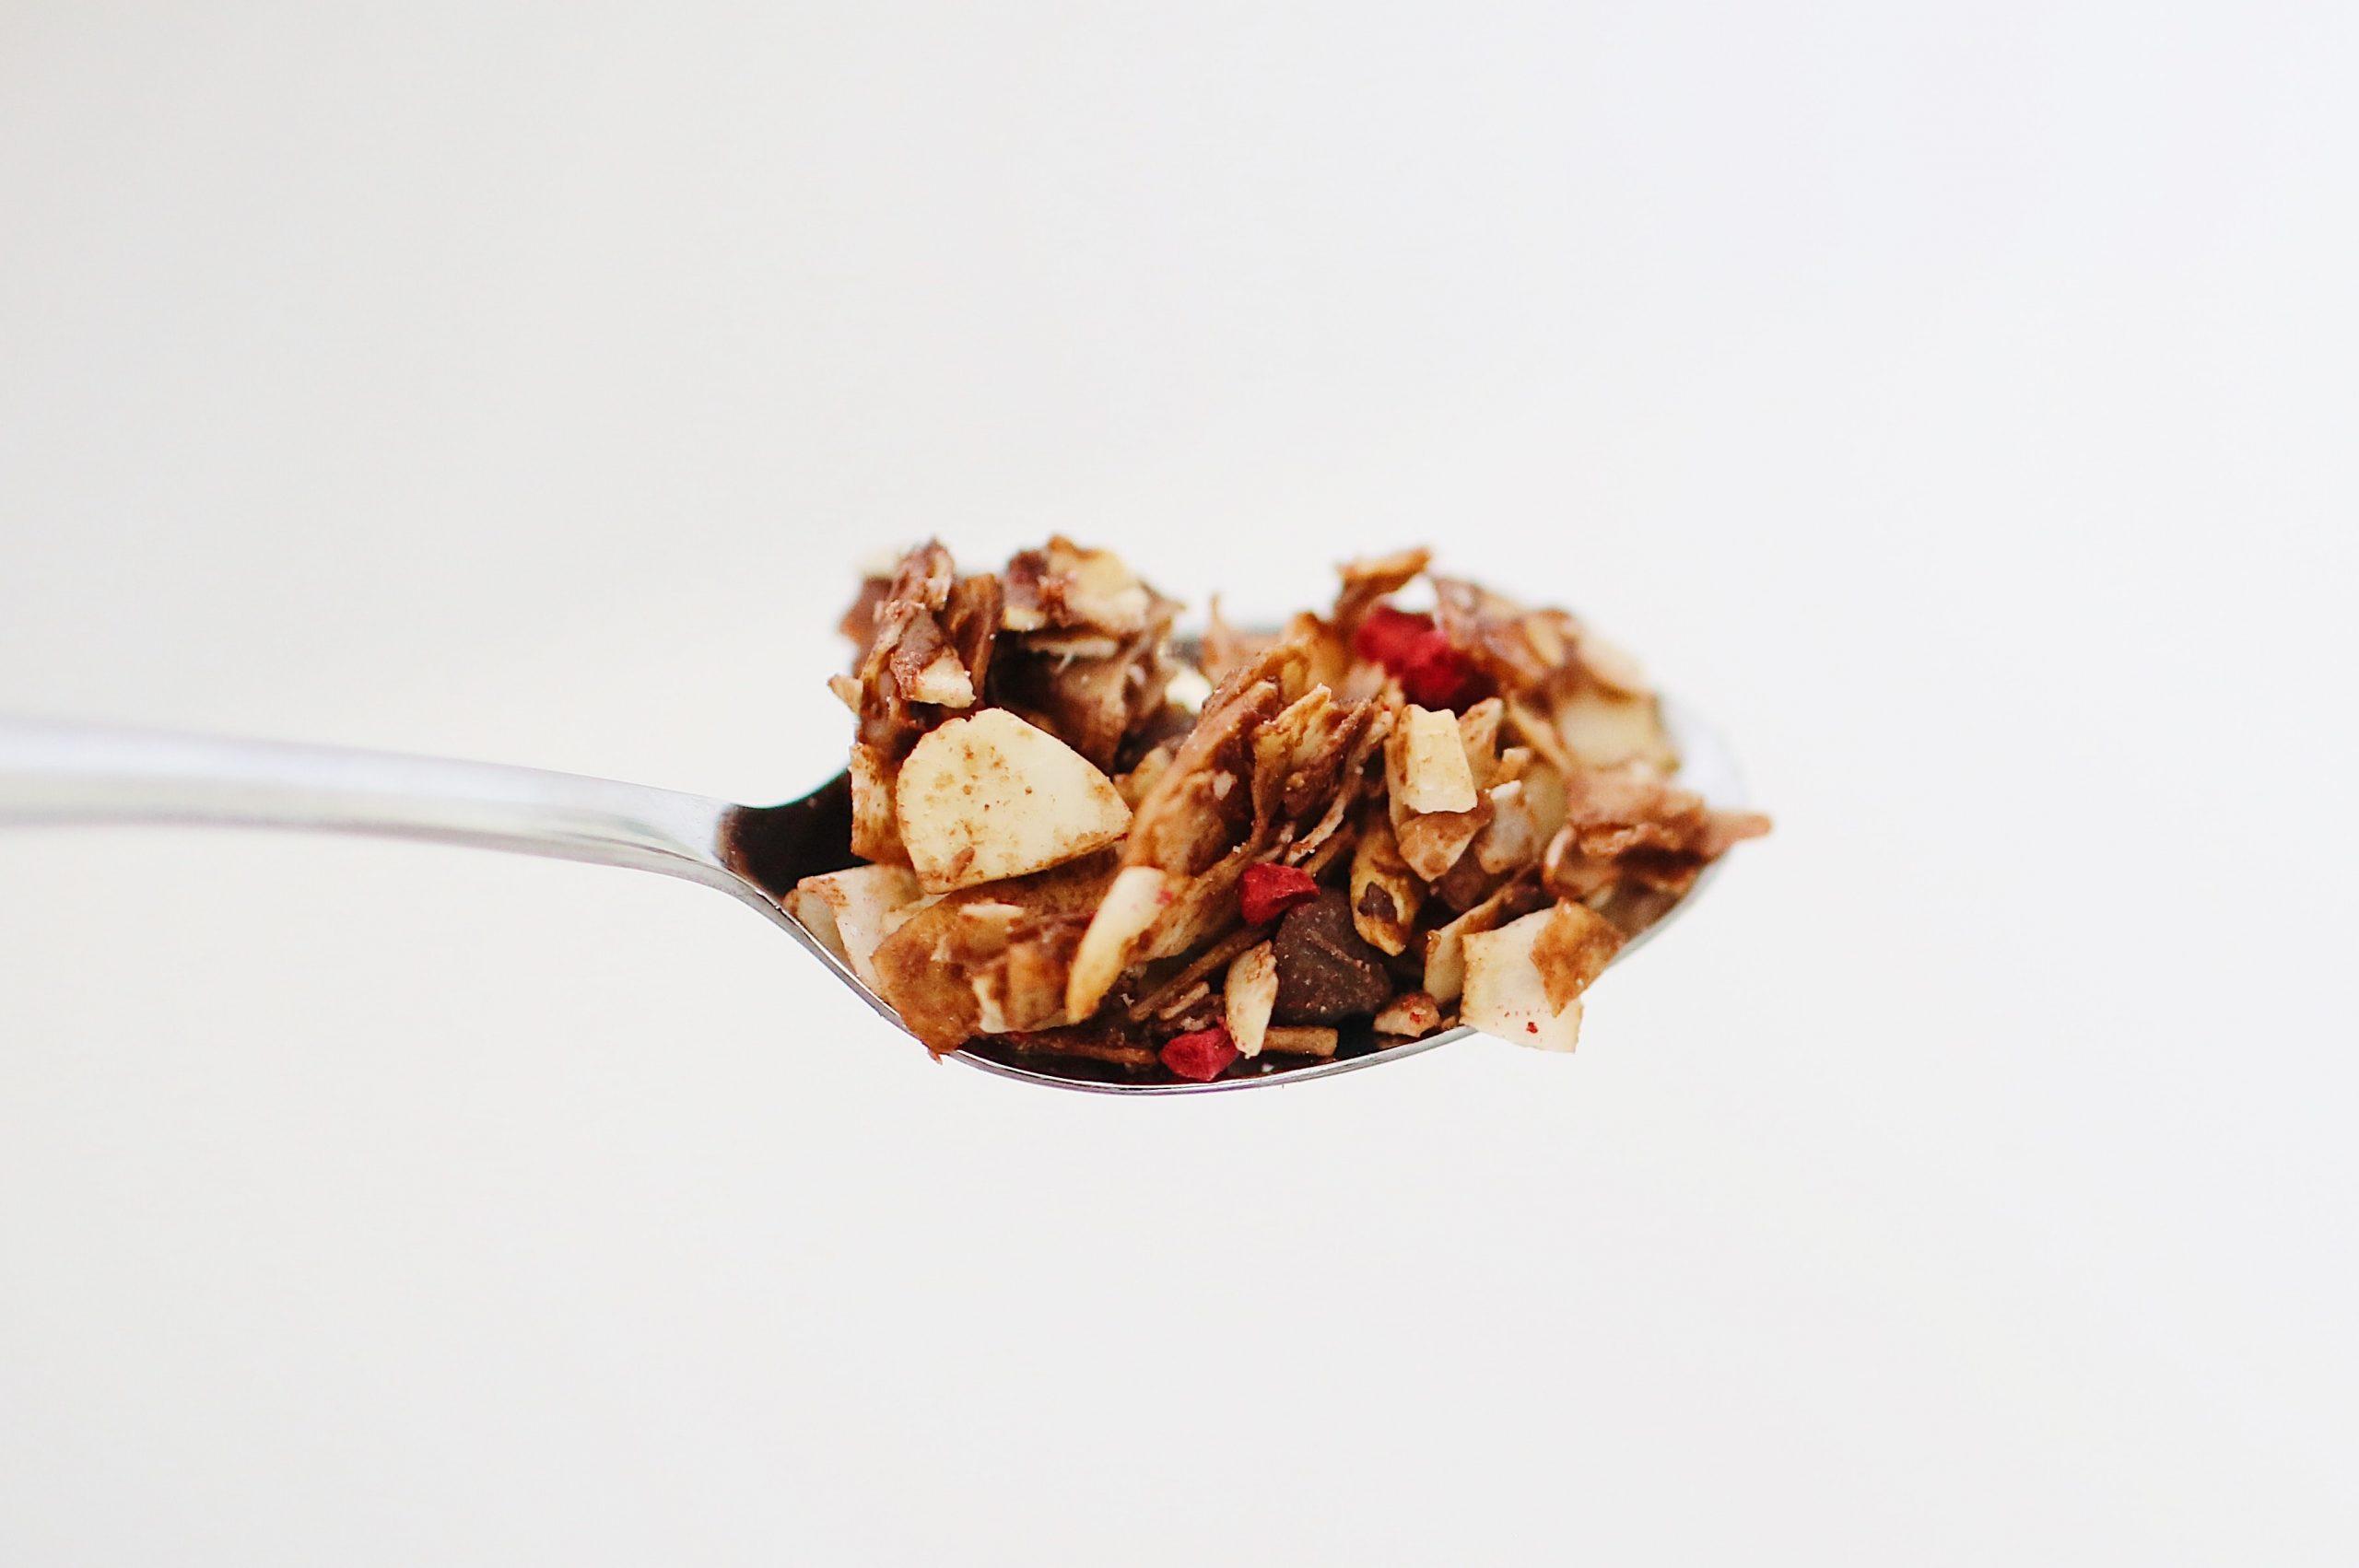 Recette healthy et coup de boost : le granola